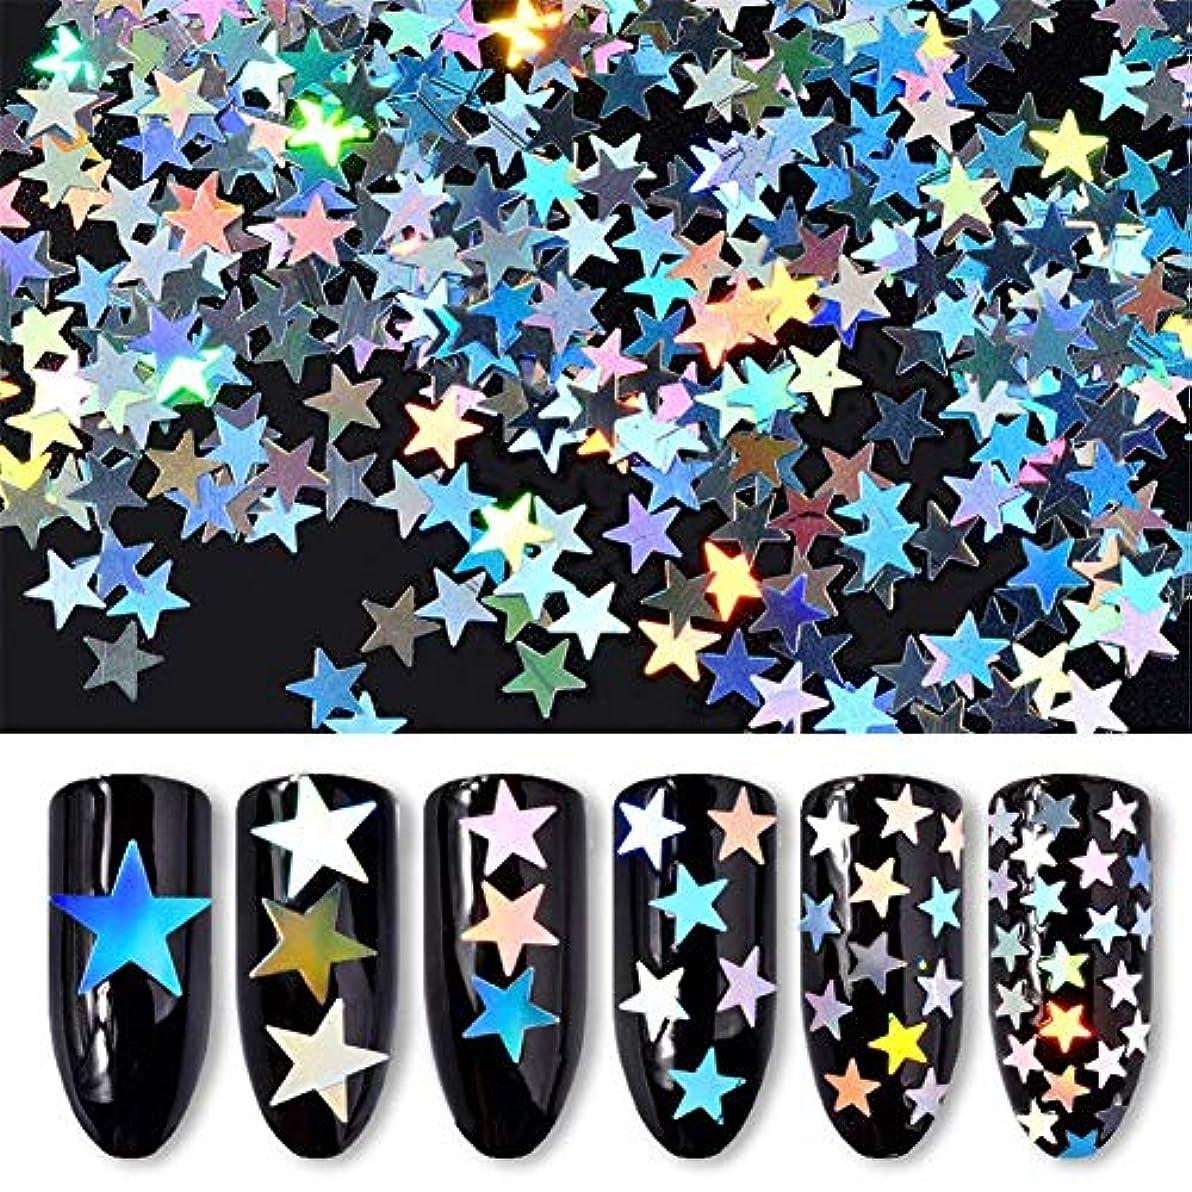 セマフォビタミン不従順6ボックス/セット 星 スター ホログラム キラキラ 反射カメレオン ネイルパーツネイルアートネイルデコ